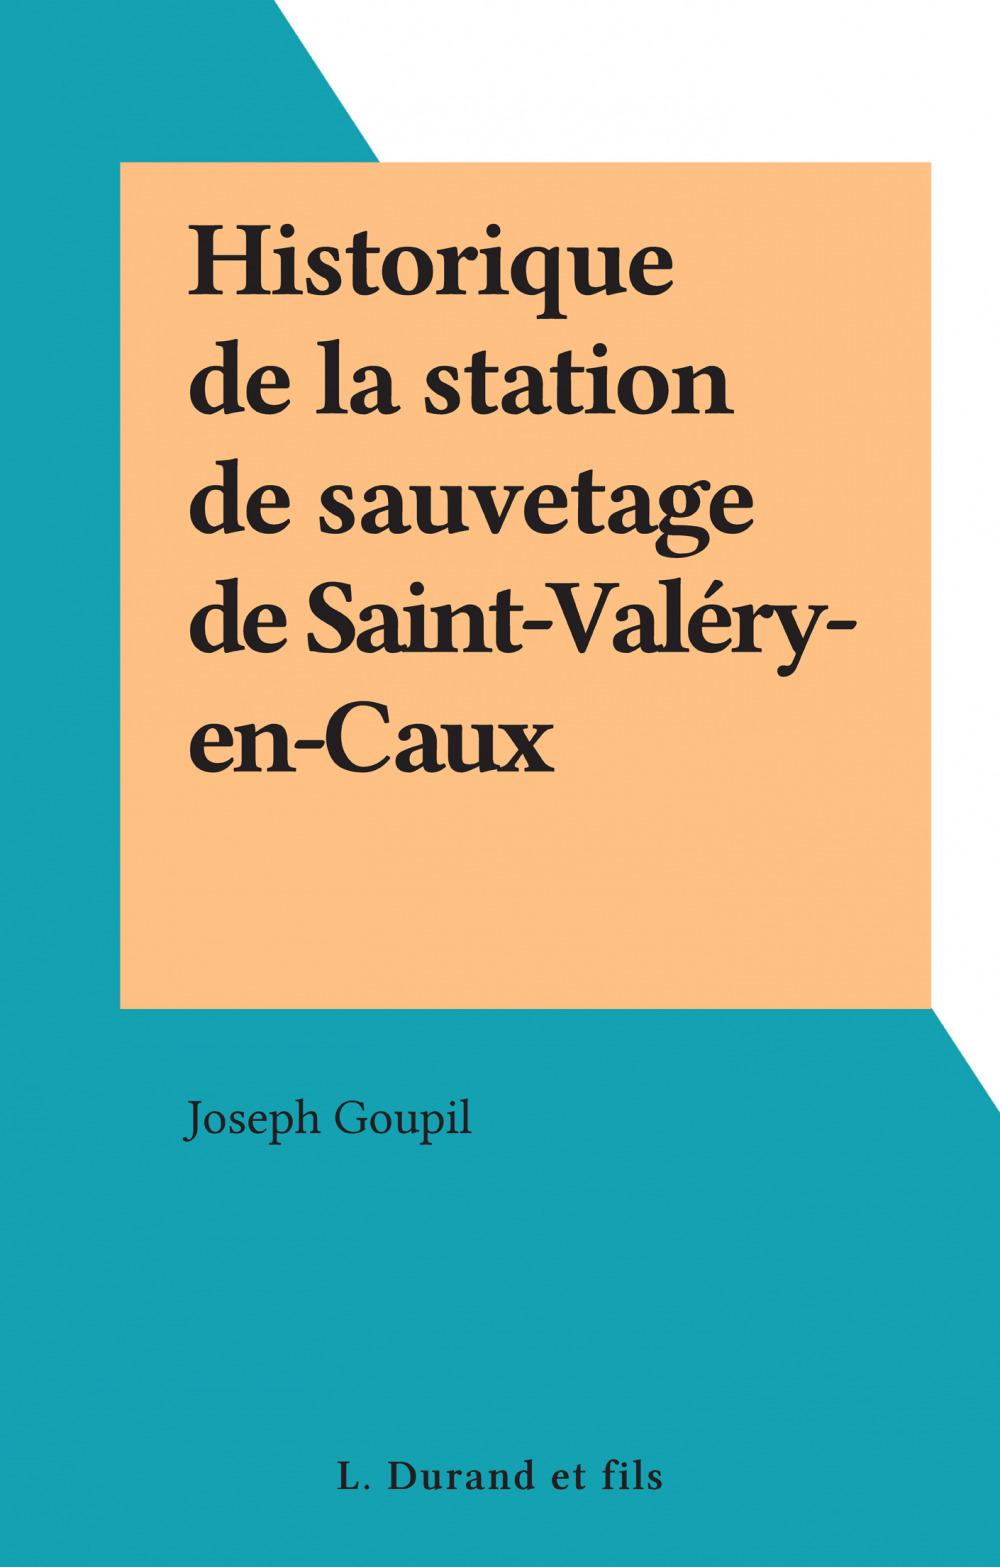 Historique de la station de sauvetage de Saint-Valéry-en-Caux